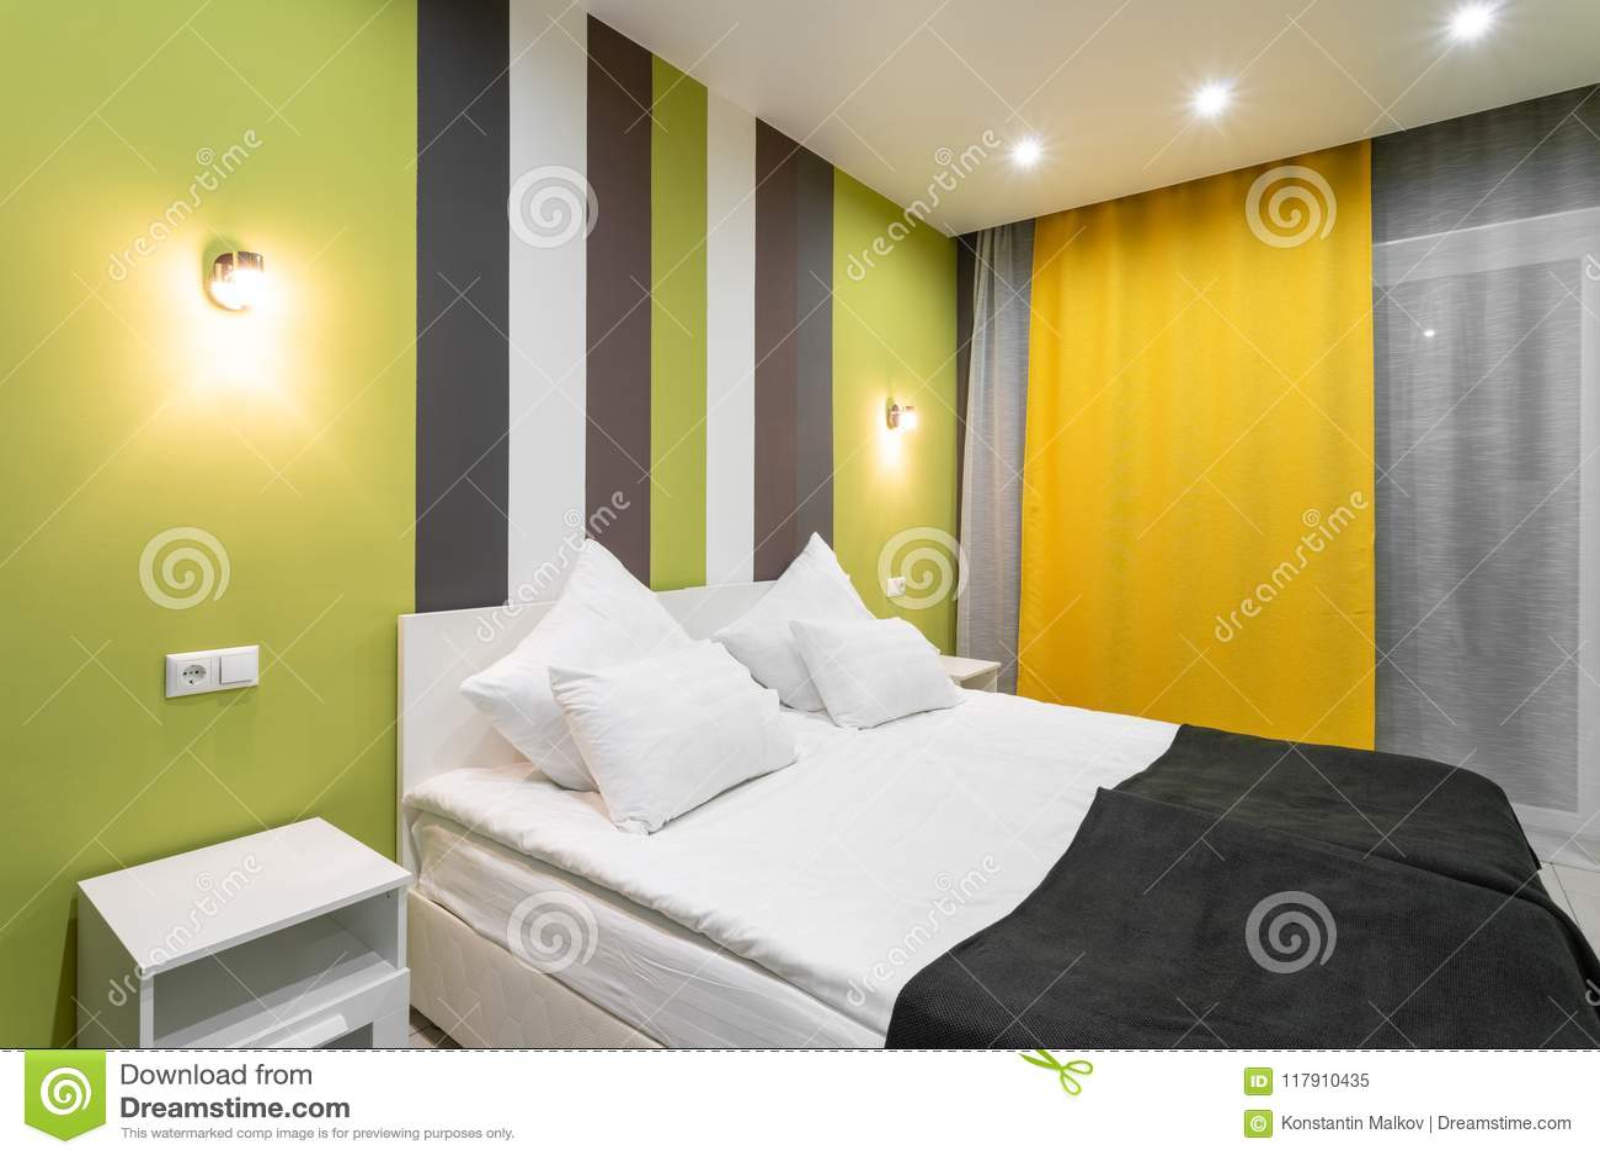 Stanza di norma dellhotel camera da letto moderna con i cuscini